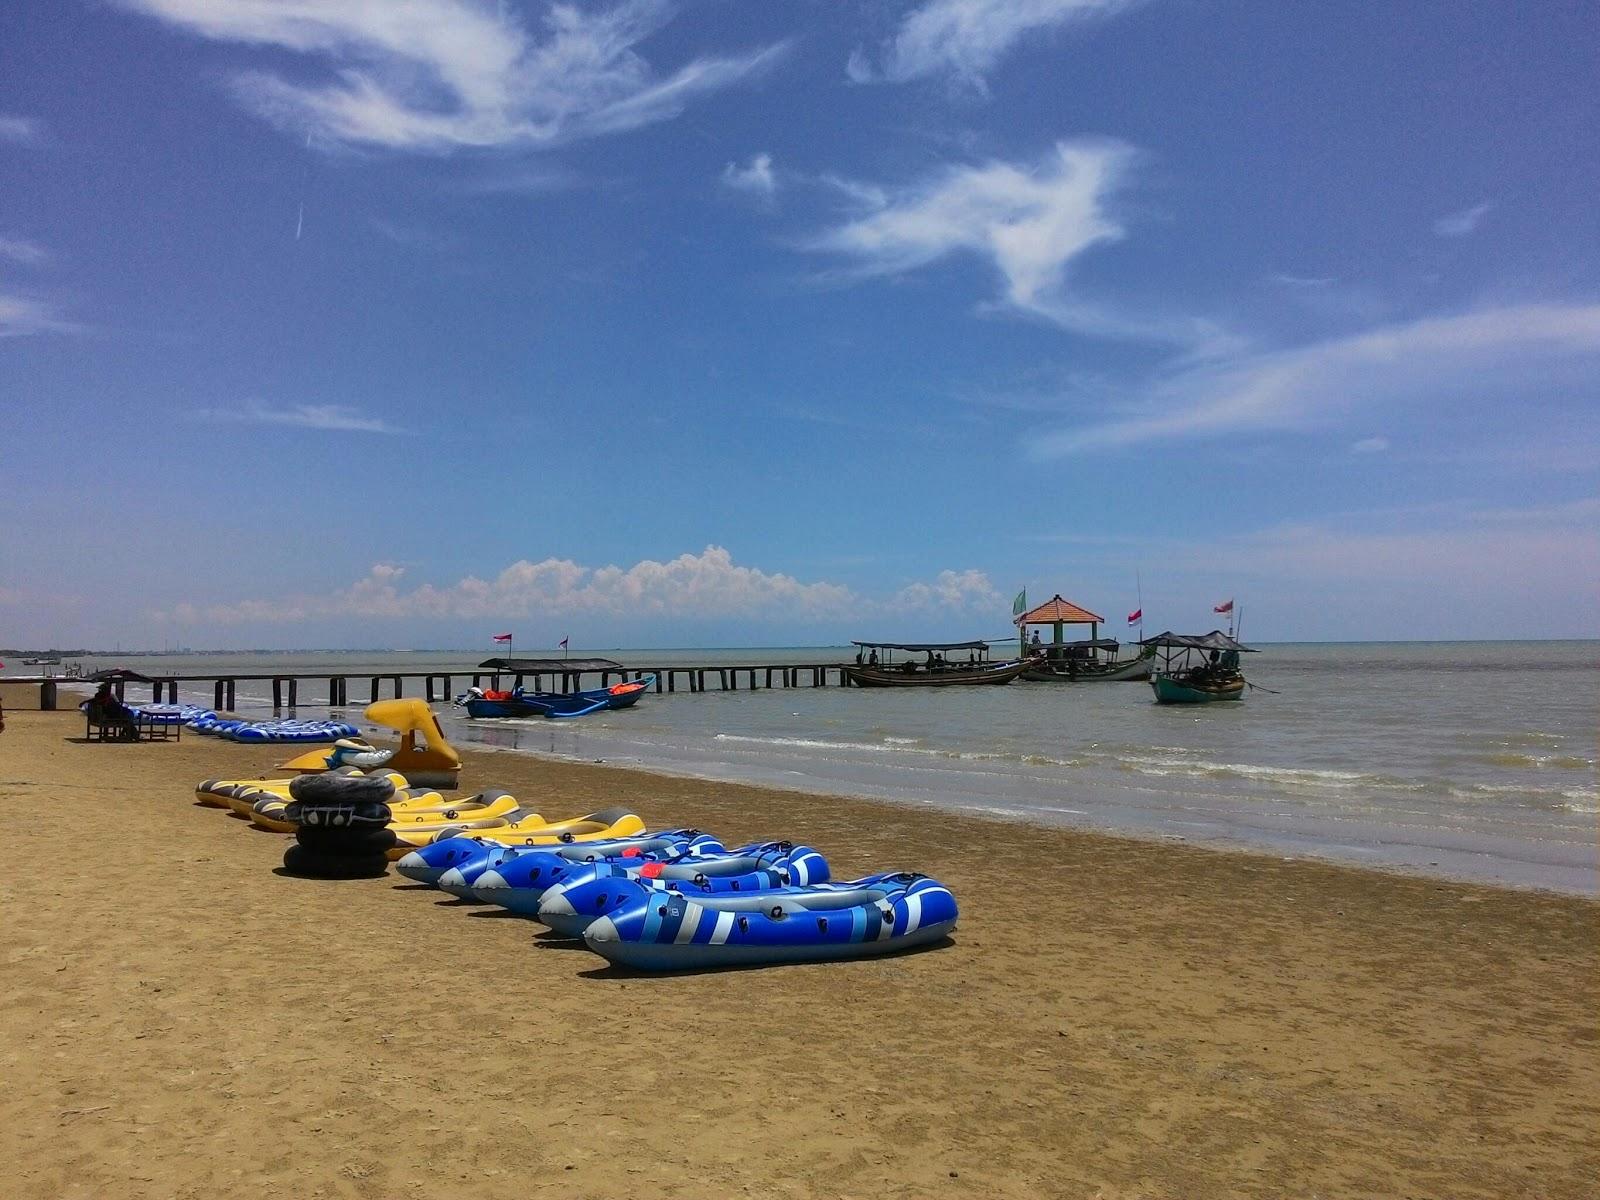 Wisata Ceria Anak Pintar Lincah Pantai Karang Jahe Kab Rembang